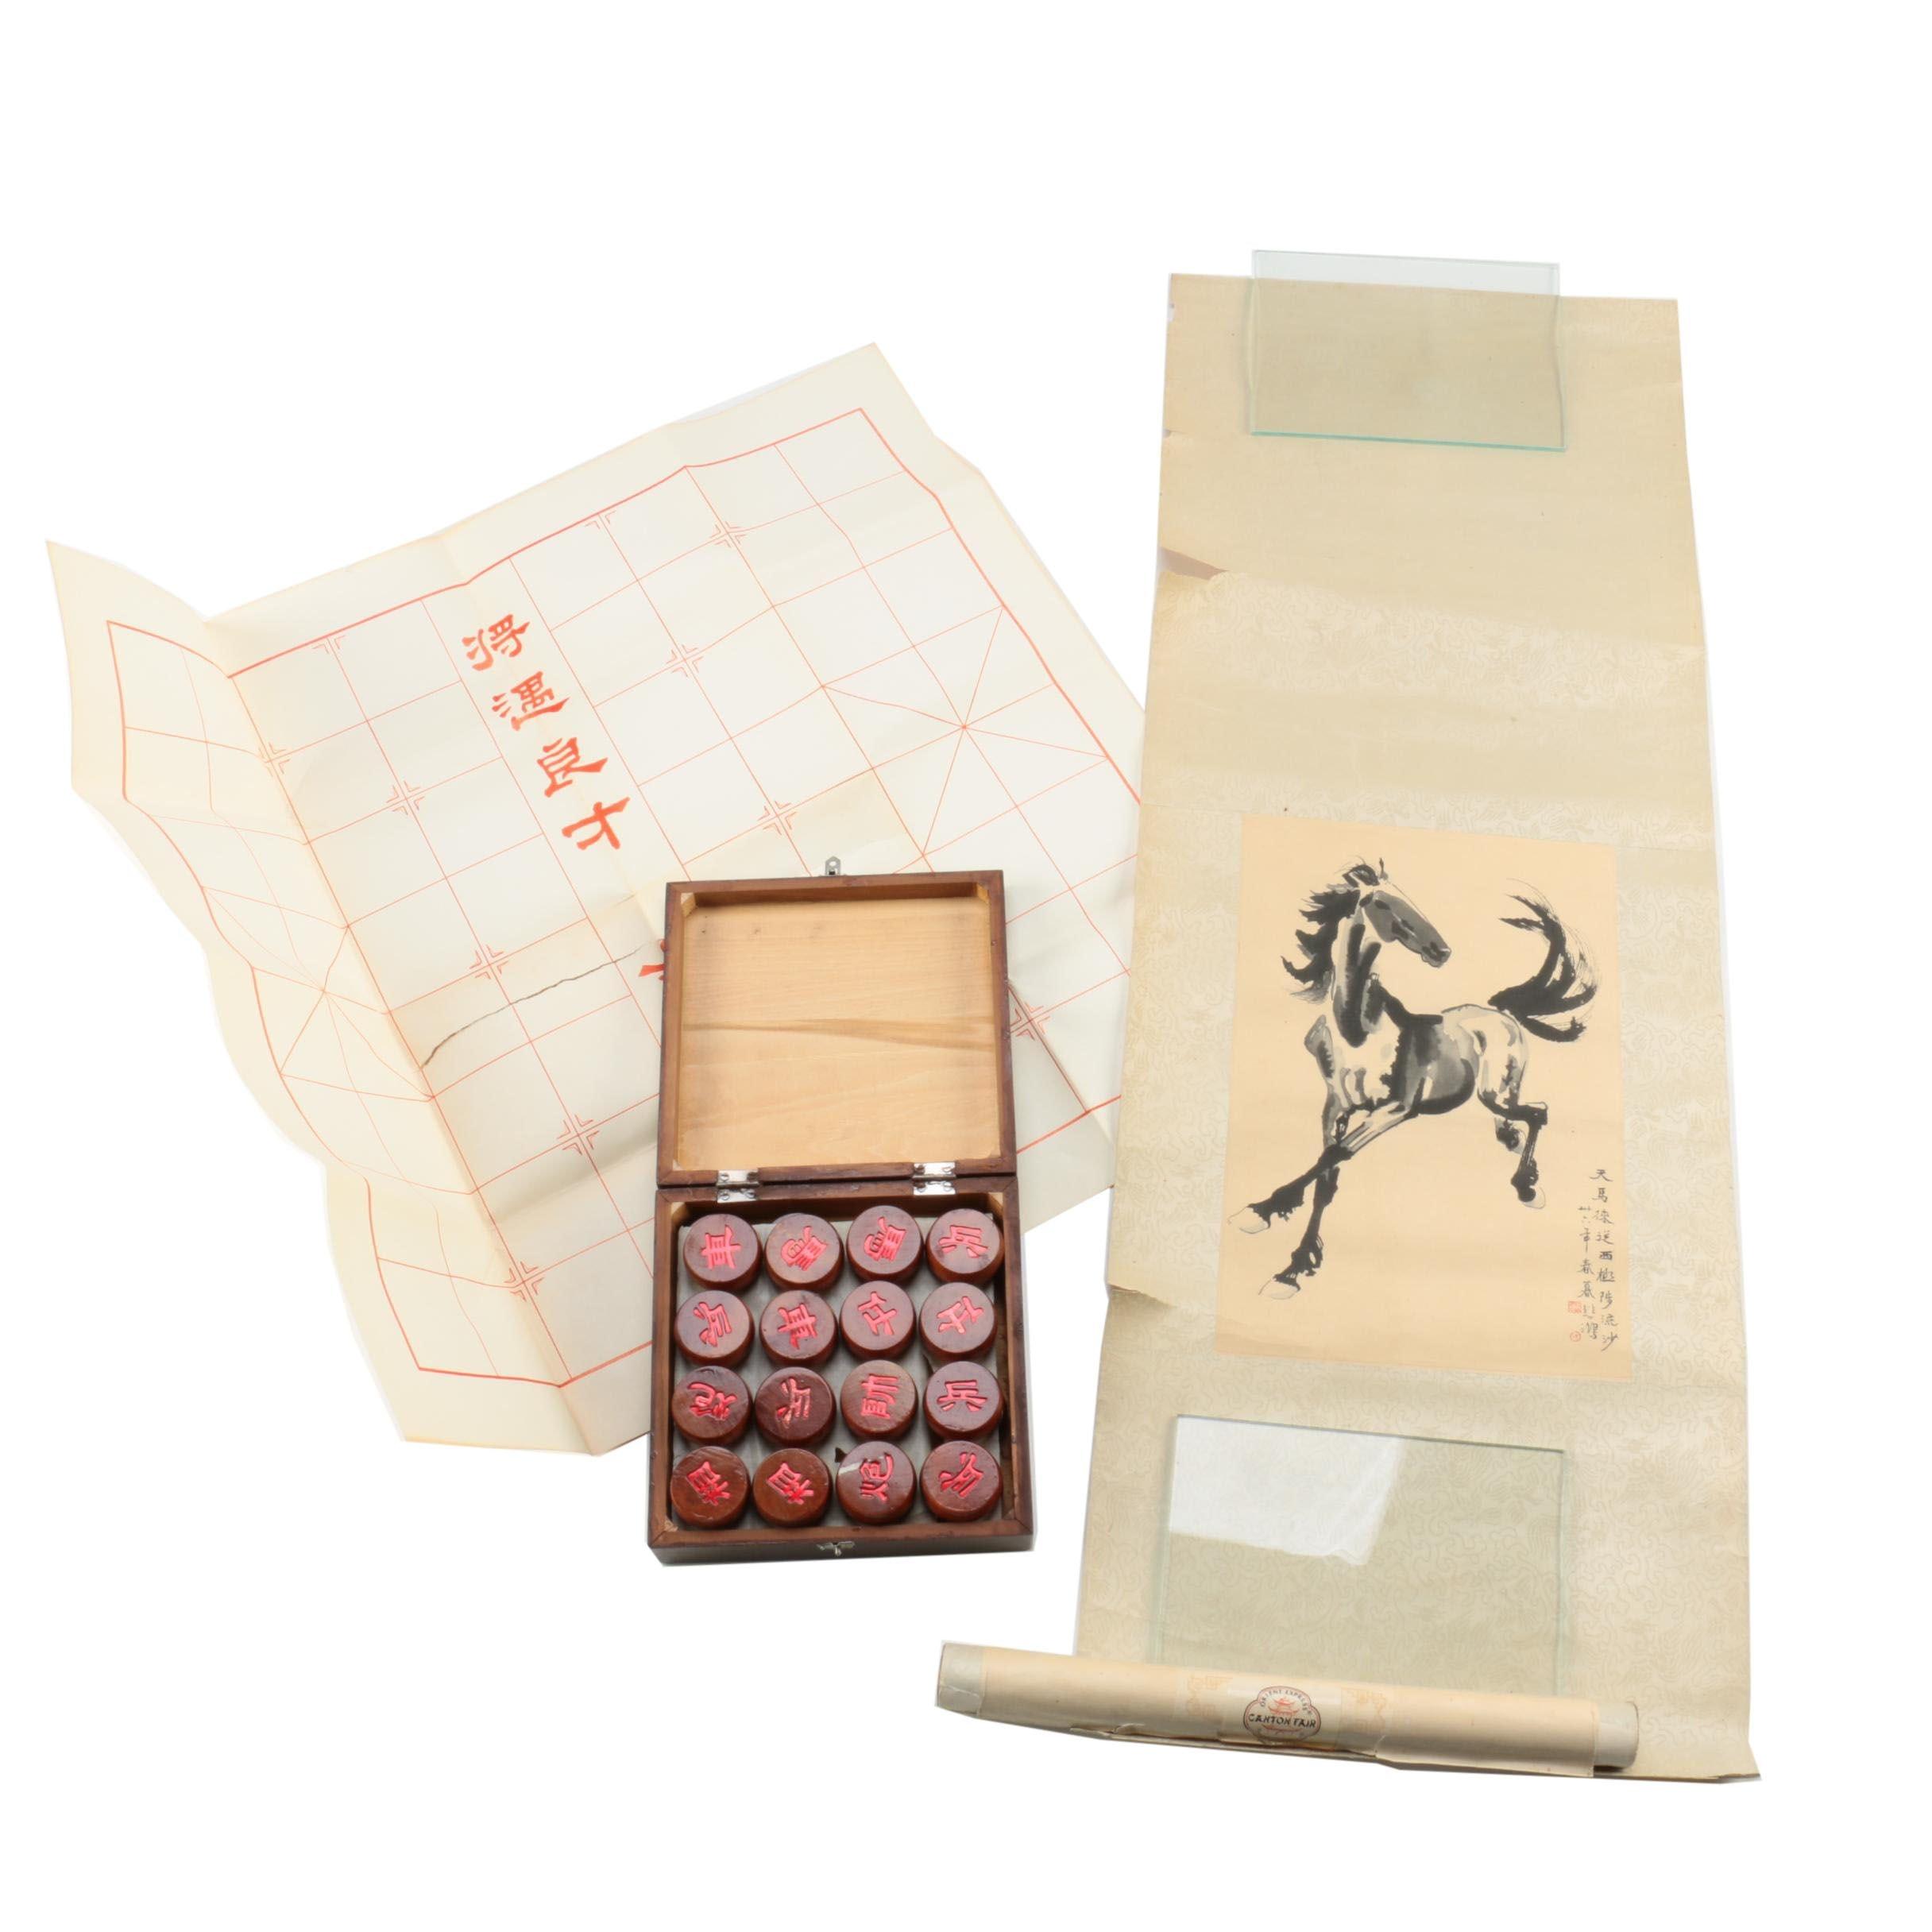 Hanging Scroll After Xu Beihong and Xiang Qi Game